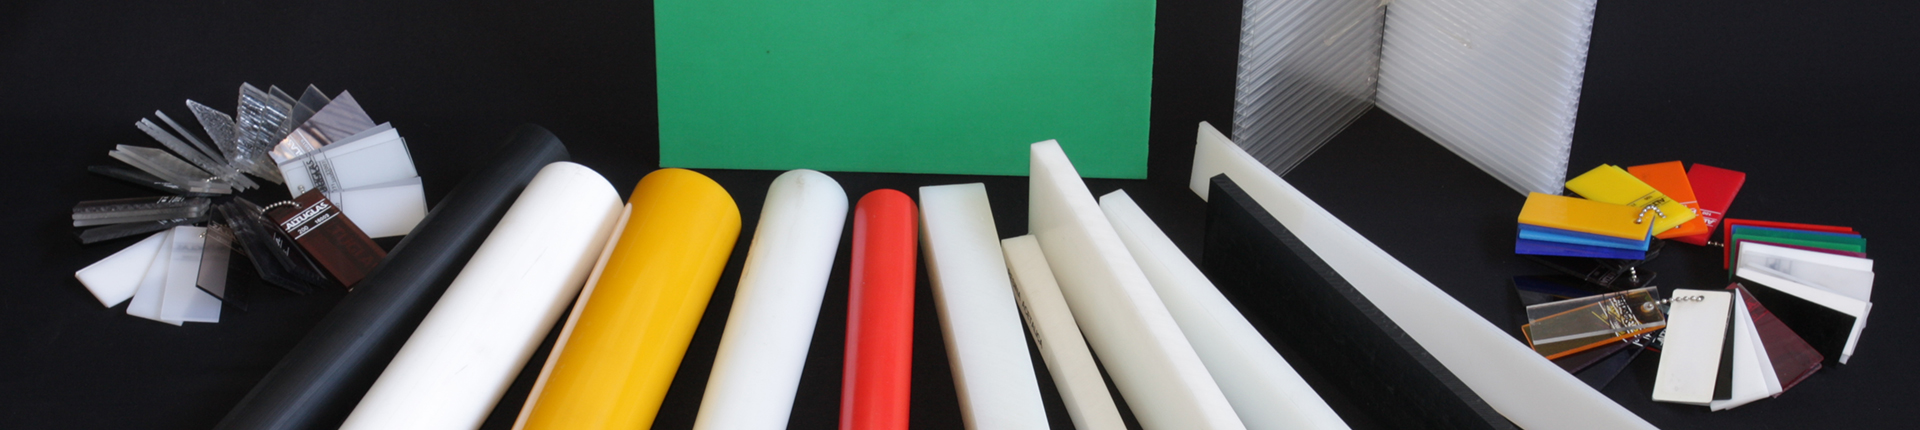 Materie plastiche pvc policarbonato polietilene for Tipi di tubi di plastica